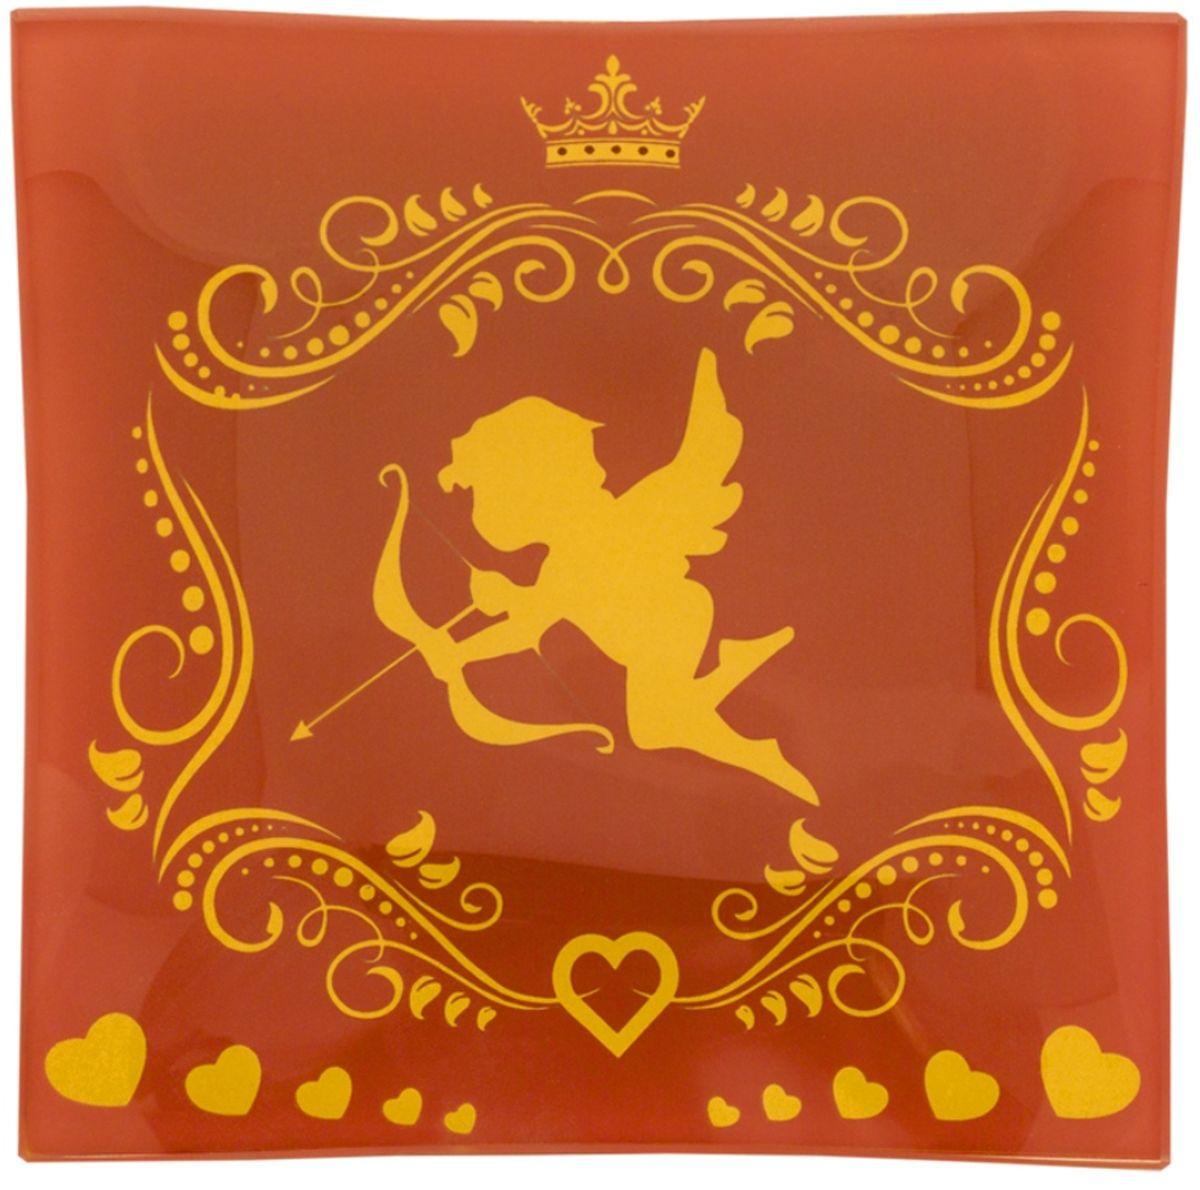 Пепельница GiftnHome Святой Валентин, цвет: розовый, диаметр 12 смAT-12 St Valentine (p)Данный аксессуар, может служить, как блюдце для десертов и закусок, так и в качестве стильной пепельницы. Изделие изготовлено из термостойкого закаленного стекла. Изделие имеет позолоту в декоре, что исключает использование в микроволновой печи.